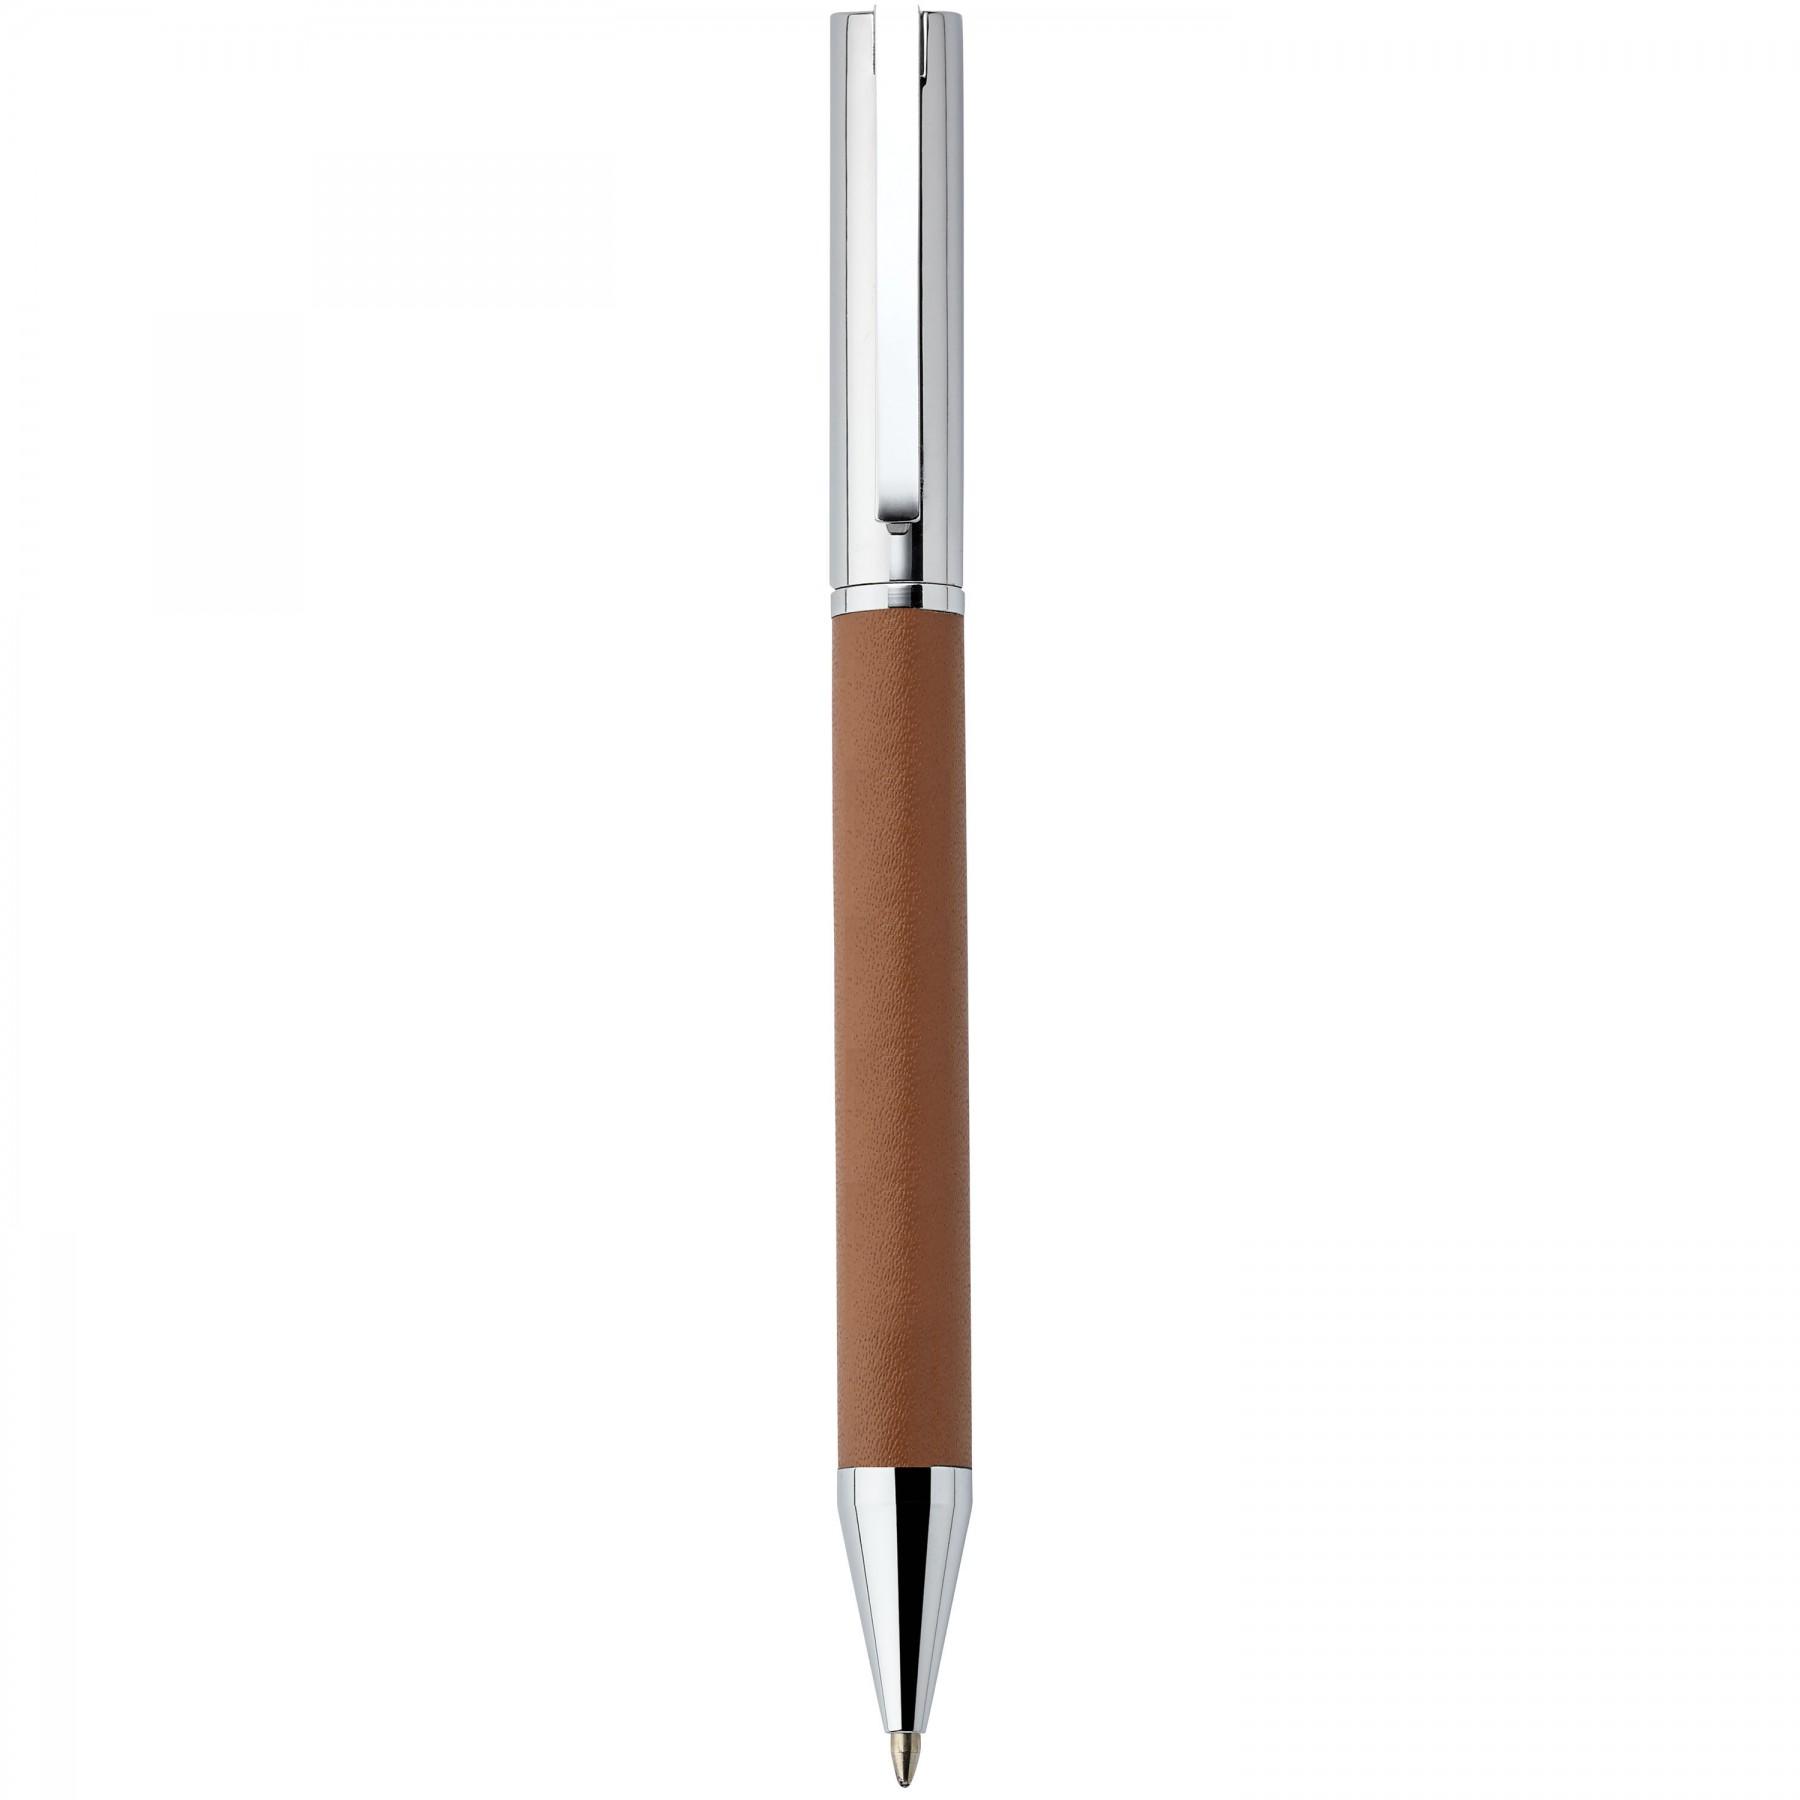 Nathan Ballpoint Pen, G3154, Laser Engraved